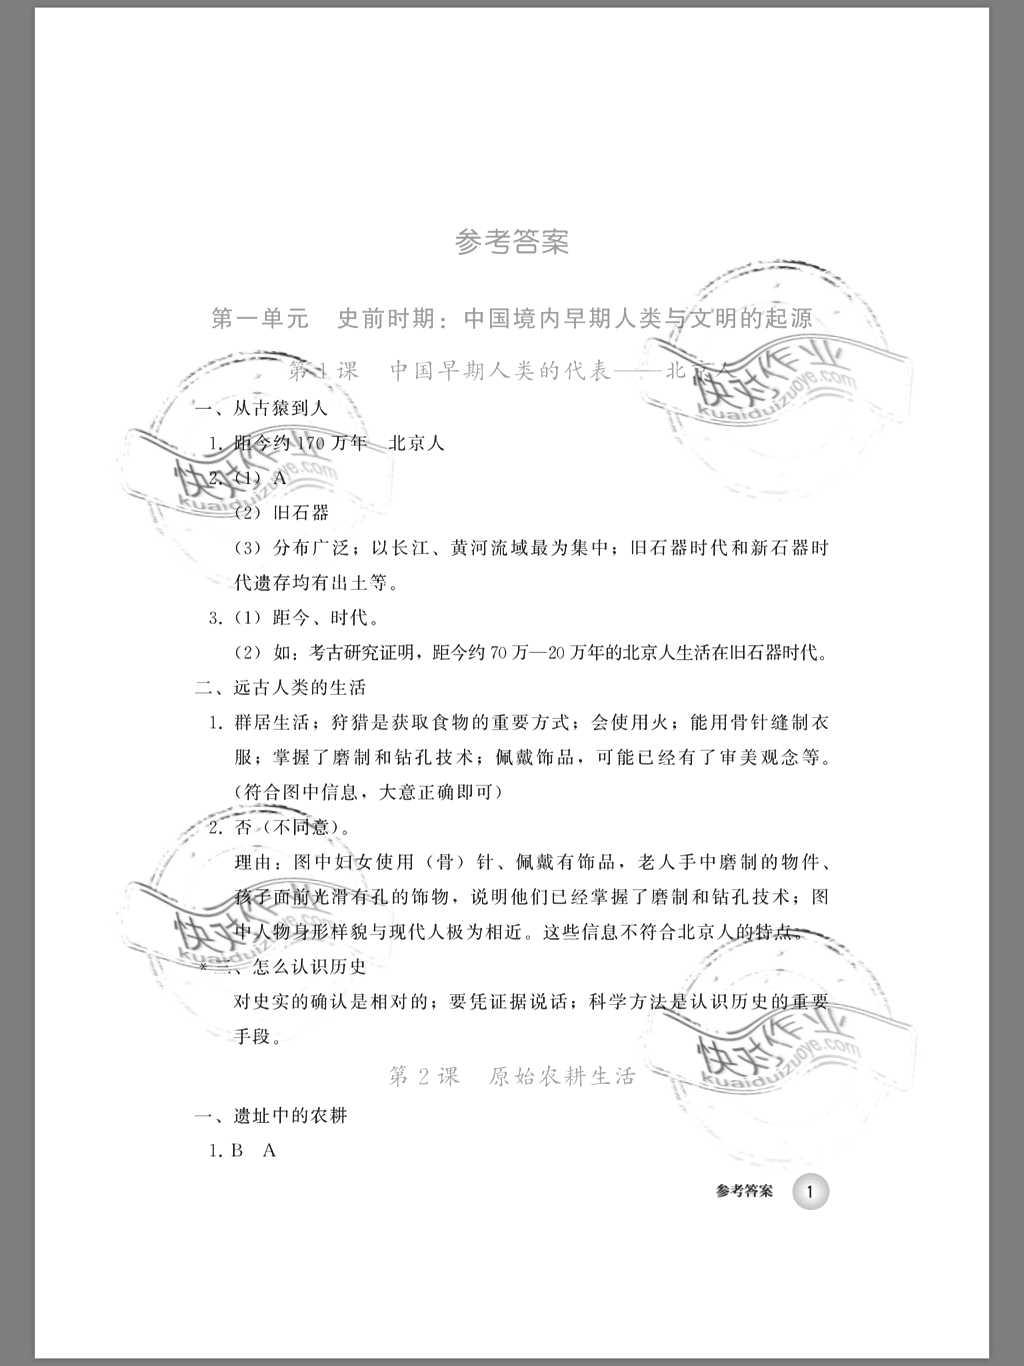 2019年中国历史练习部分七年级第一册人教版五四制第1页